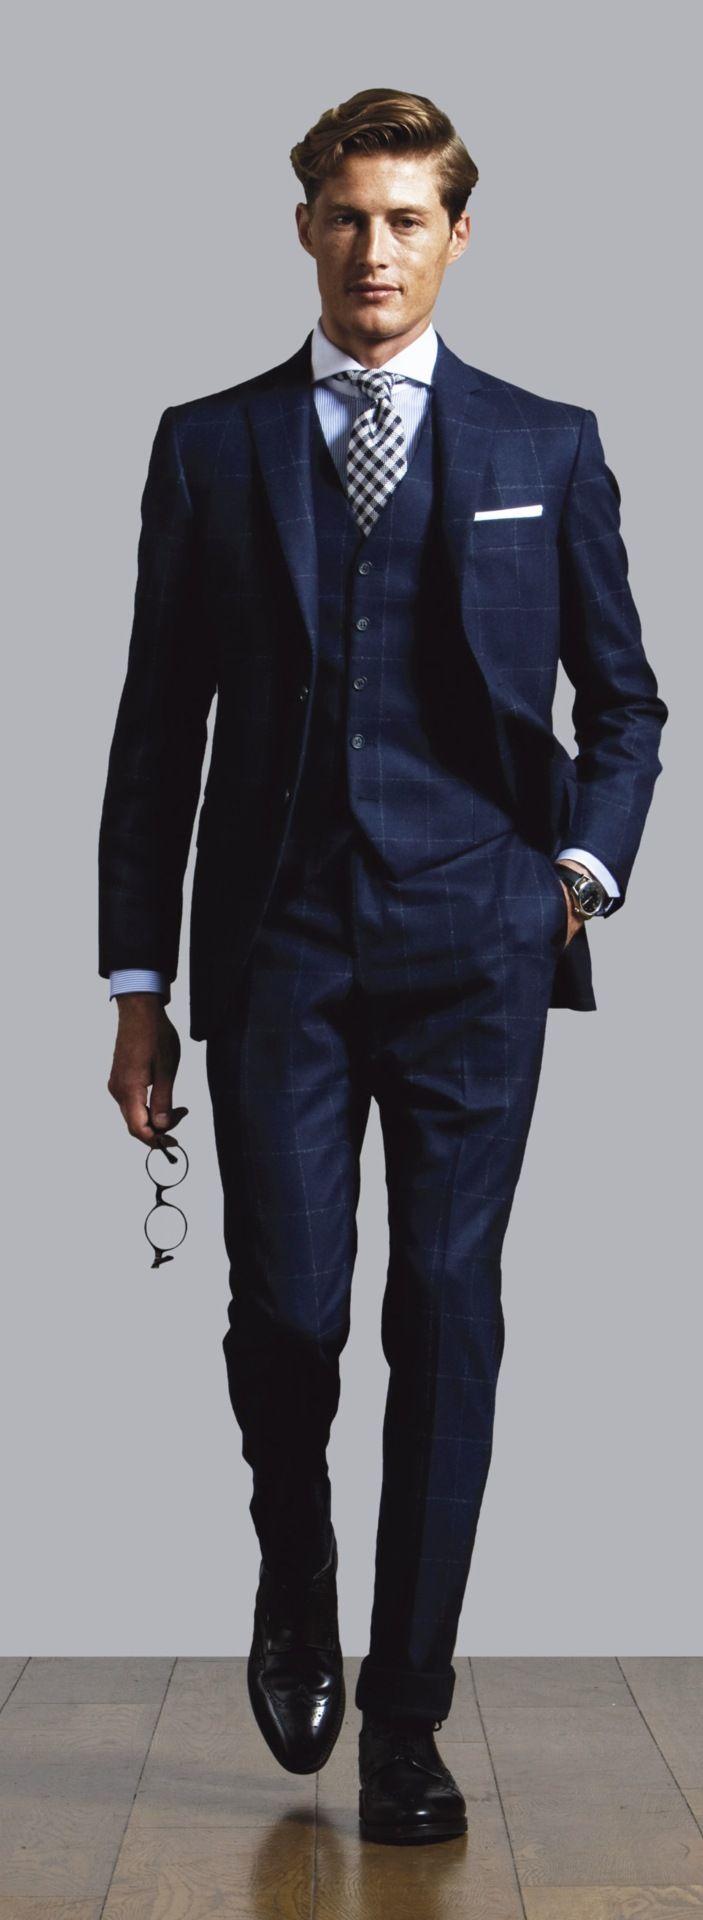 1000  ideas about Nice Suits on Pinterest   Audemars piguet, Suits